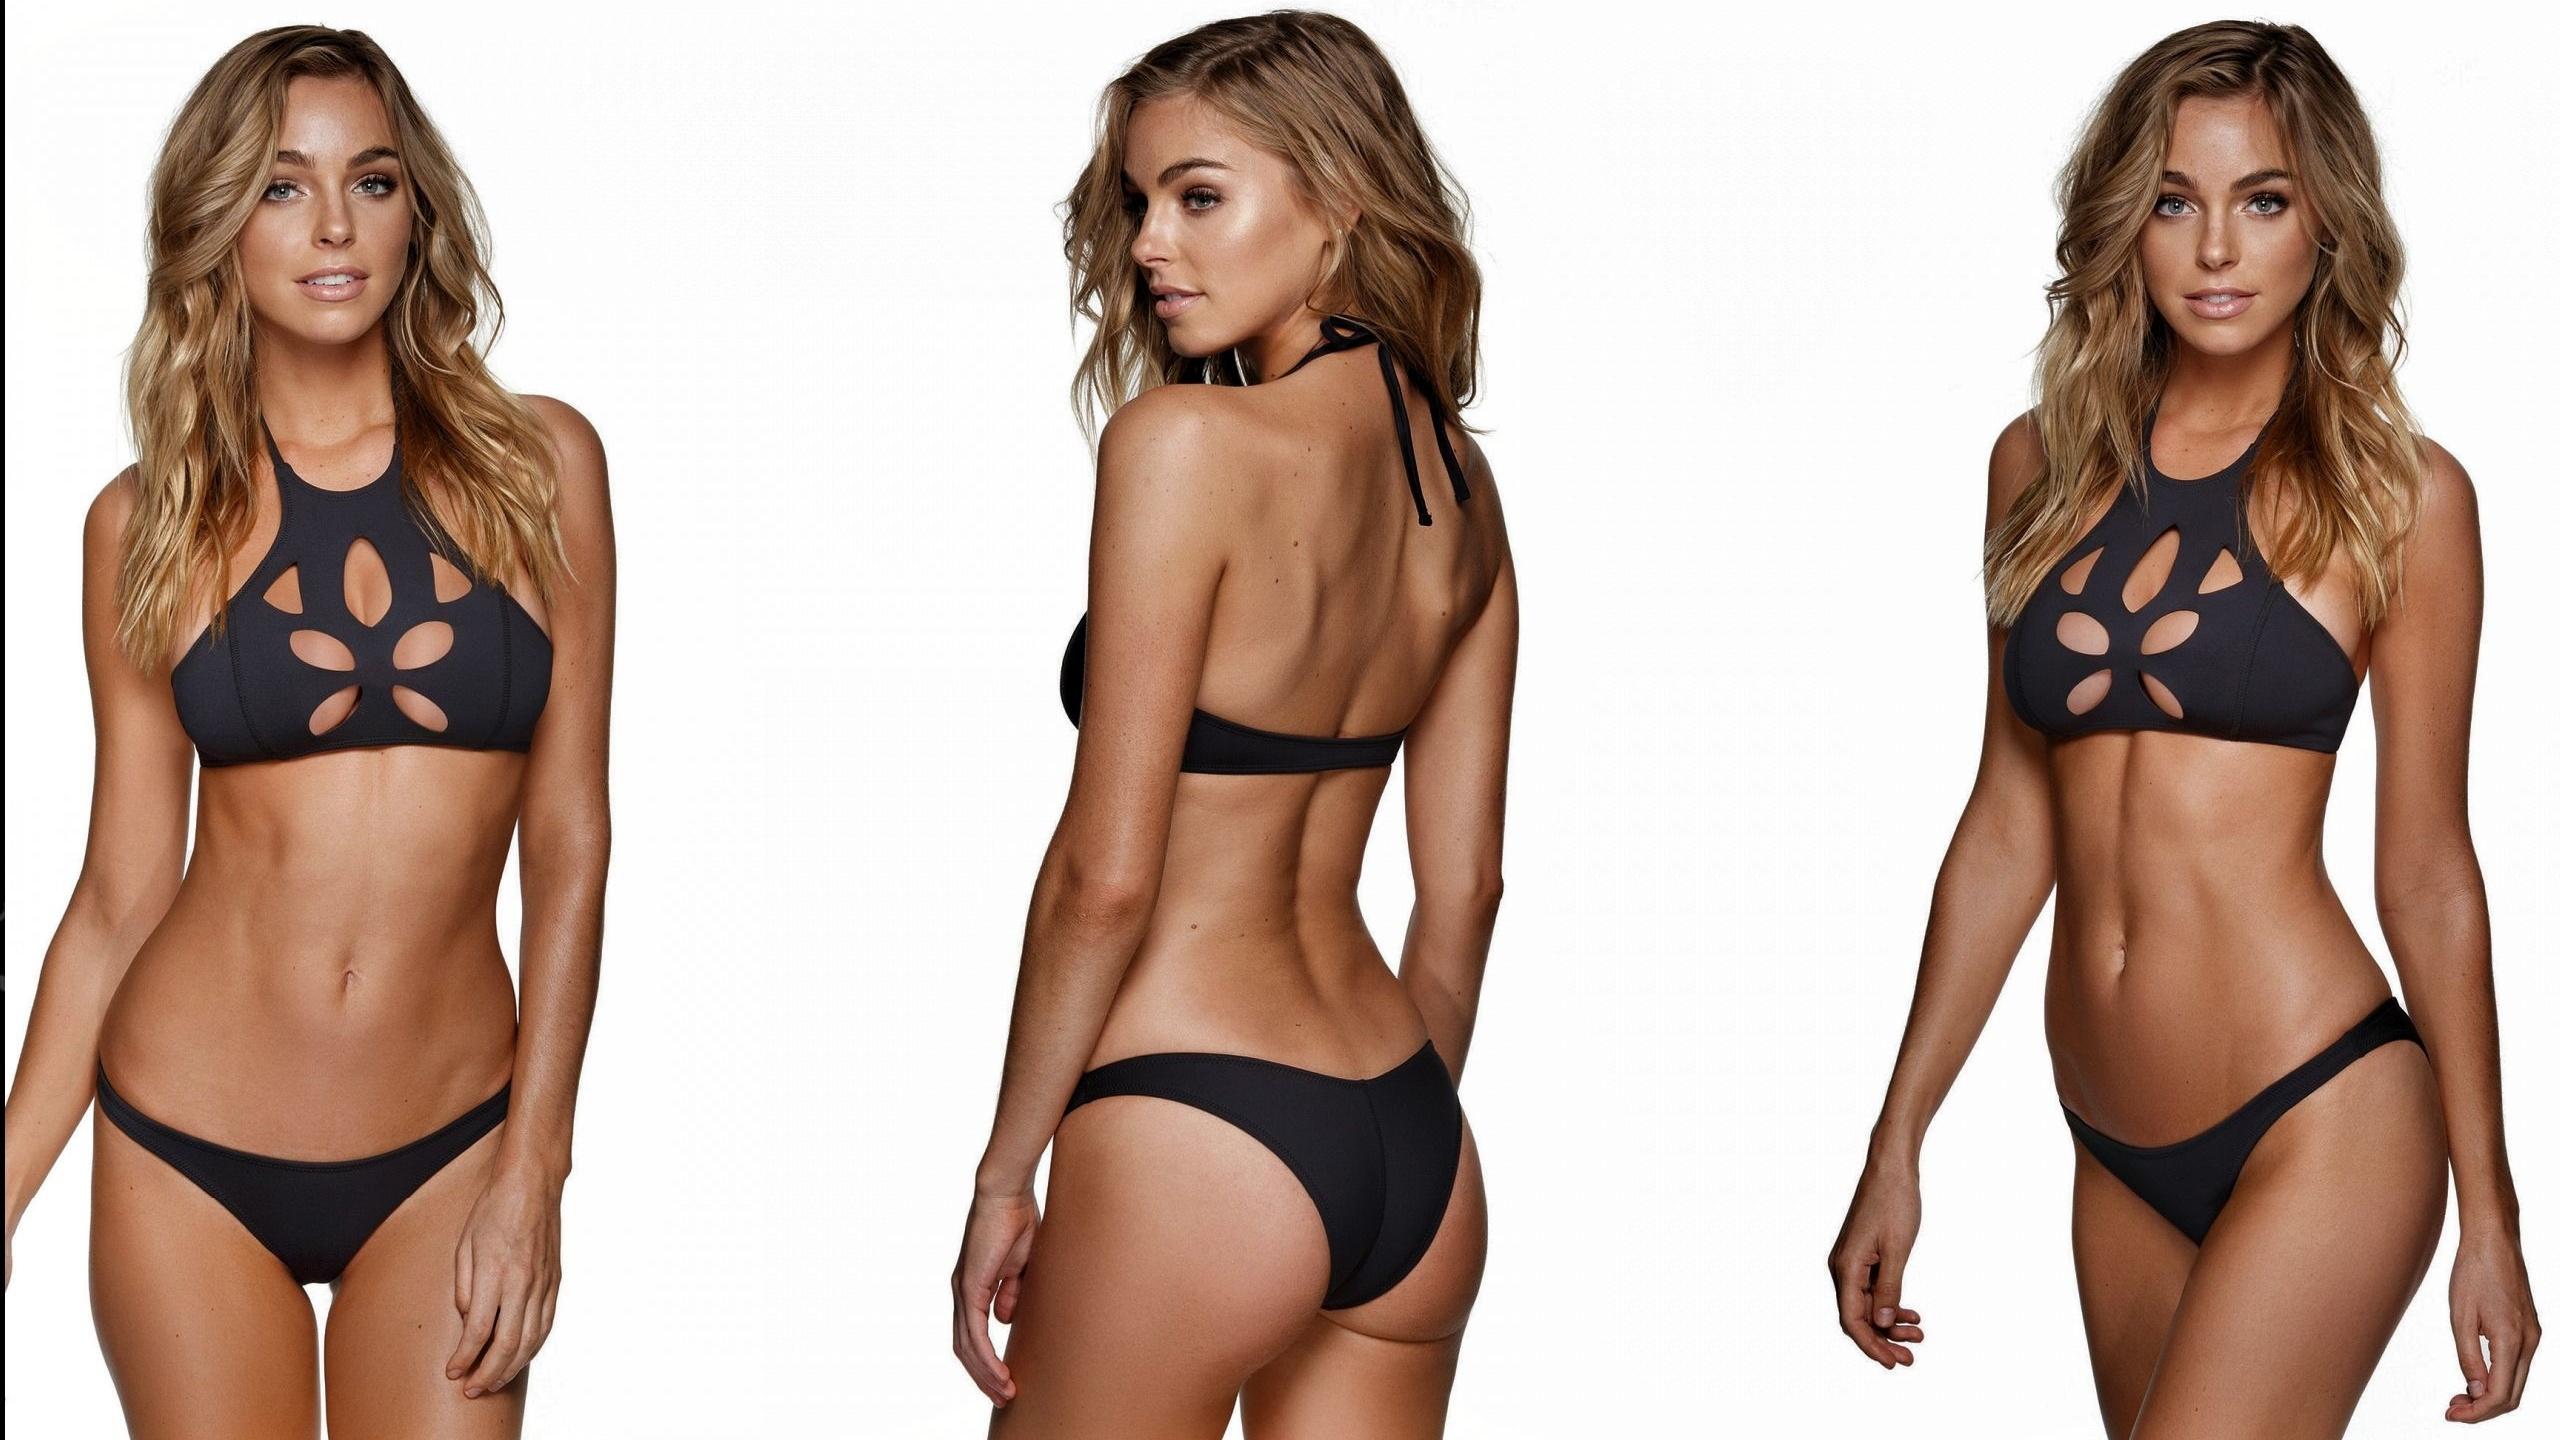 bikini-pictures-collage-mila-kunis-sexy-body